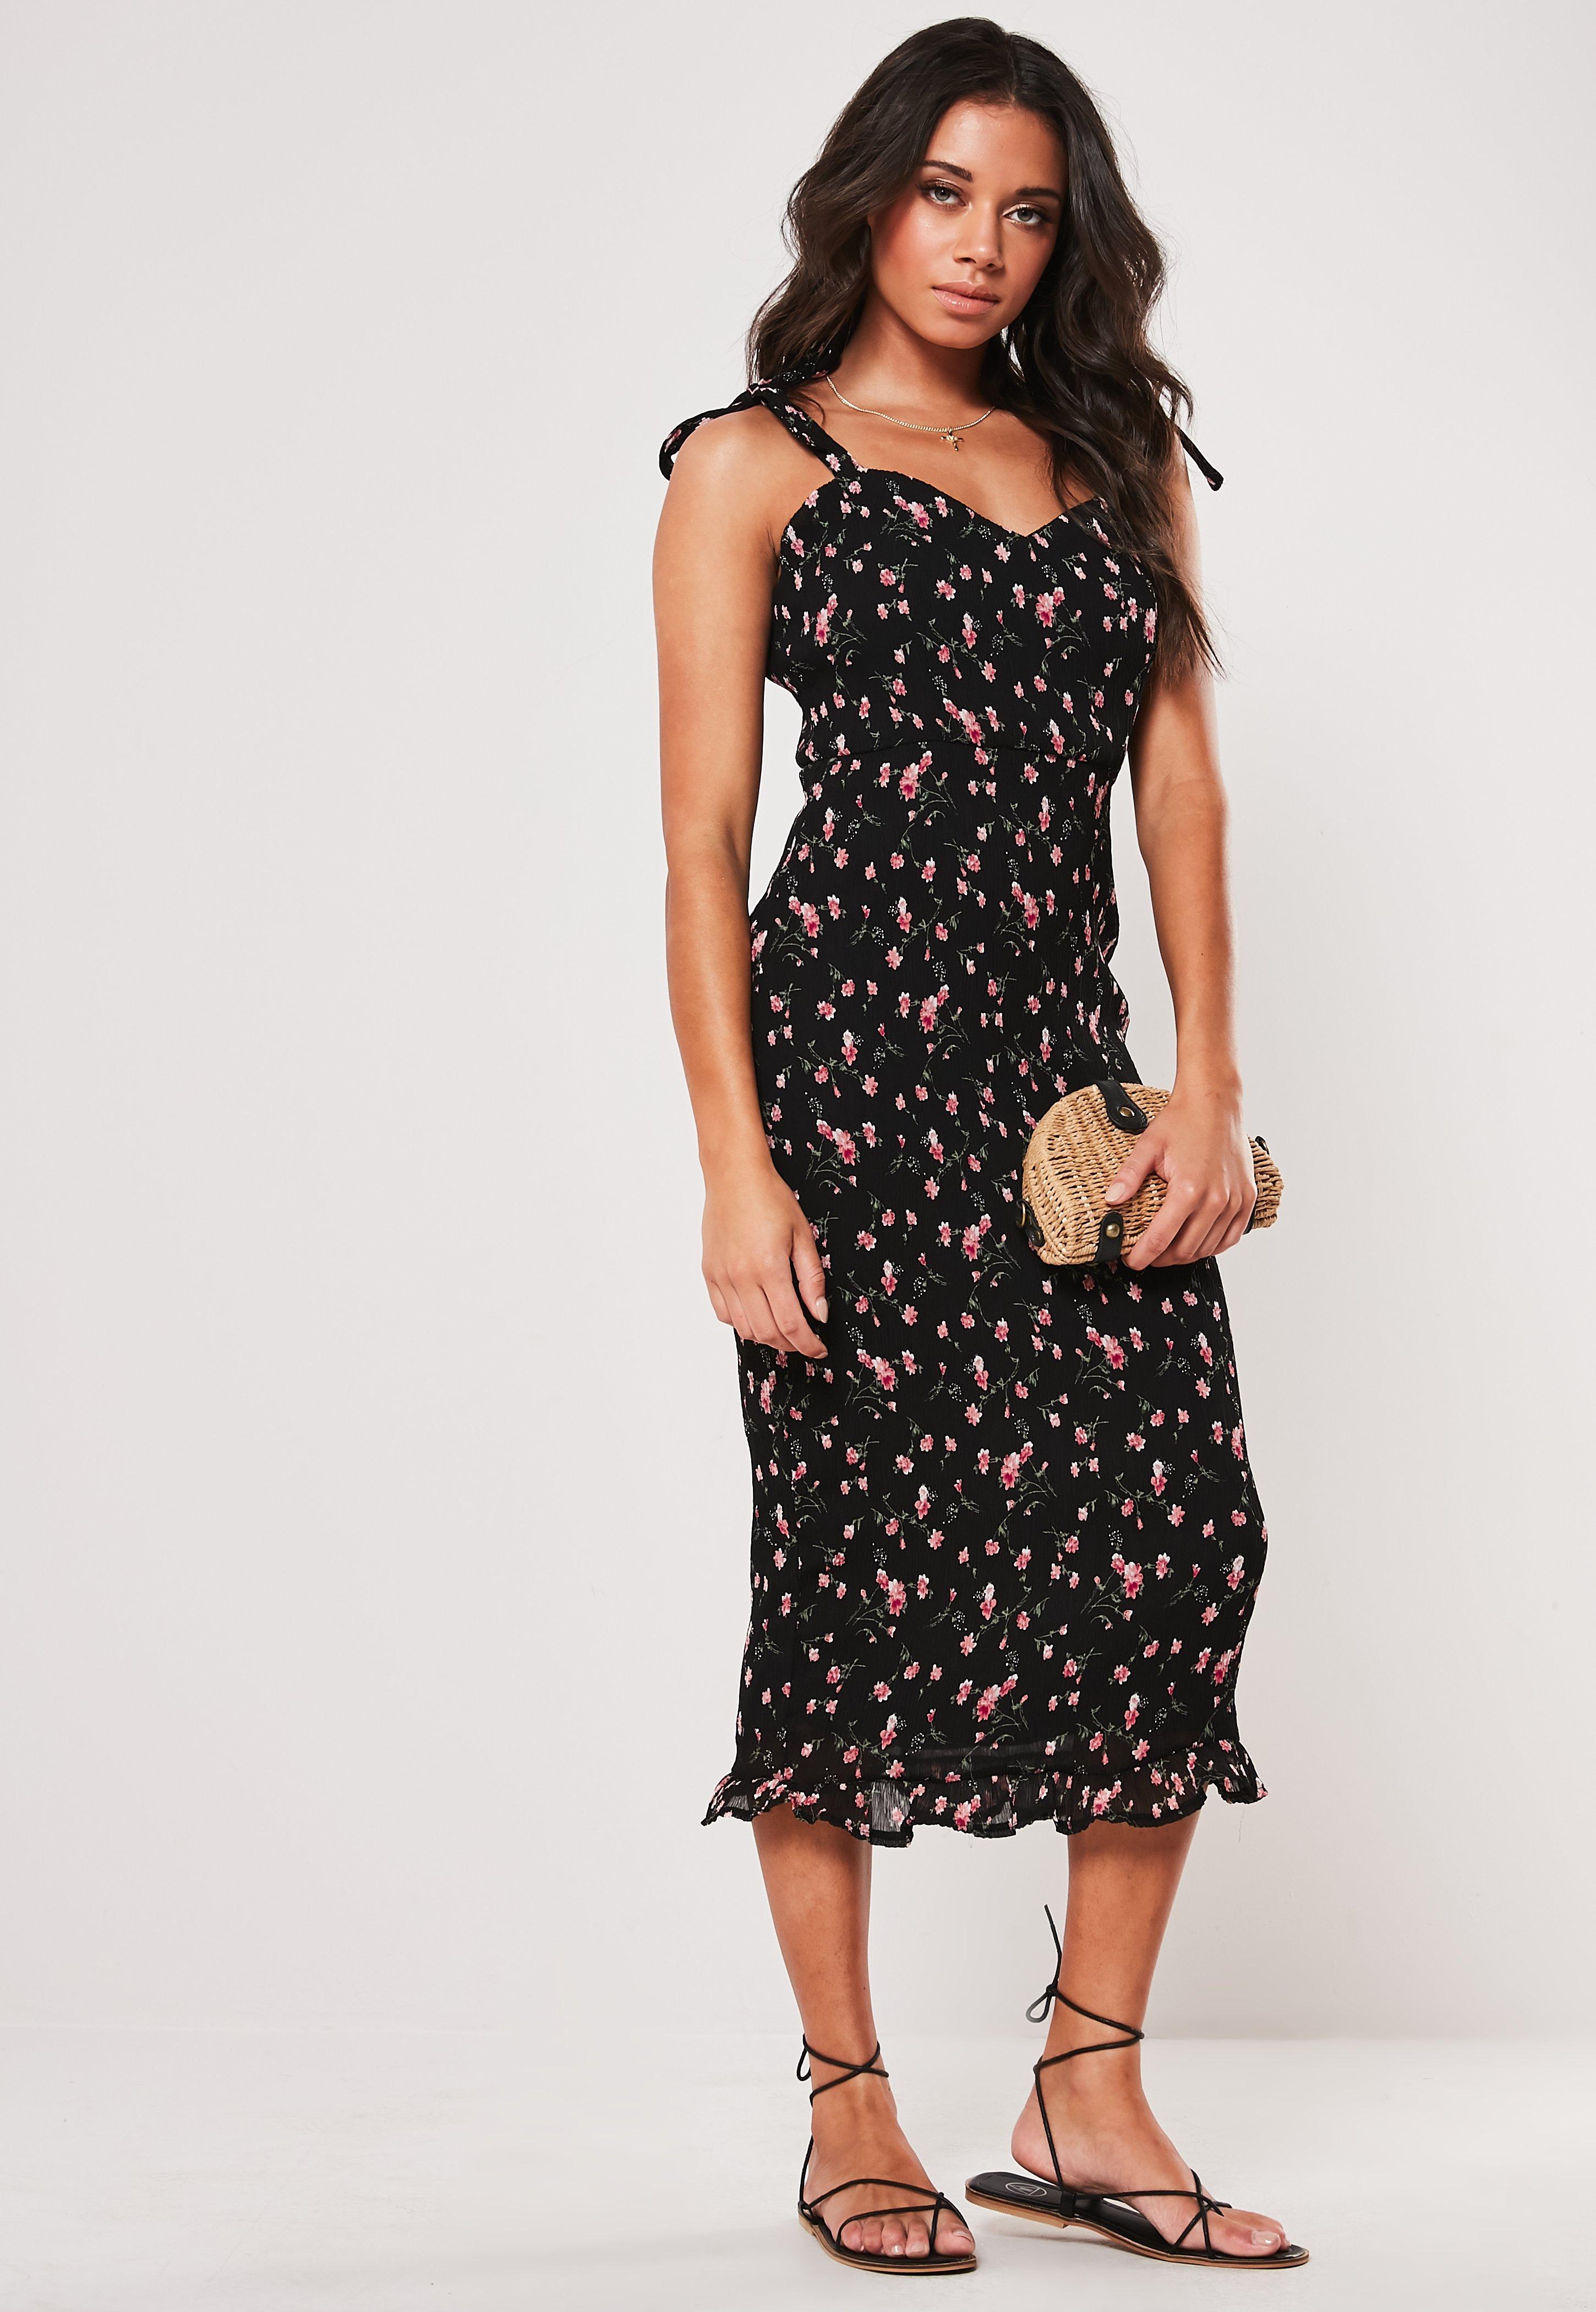 d1e5d375237ef Floral Dresses | Flower Print Dresses - Missguided Australia